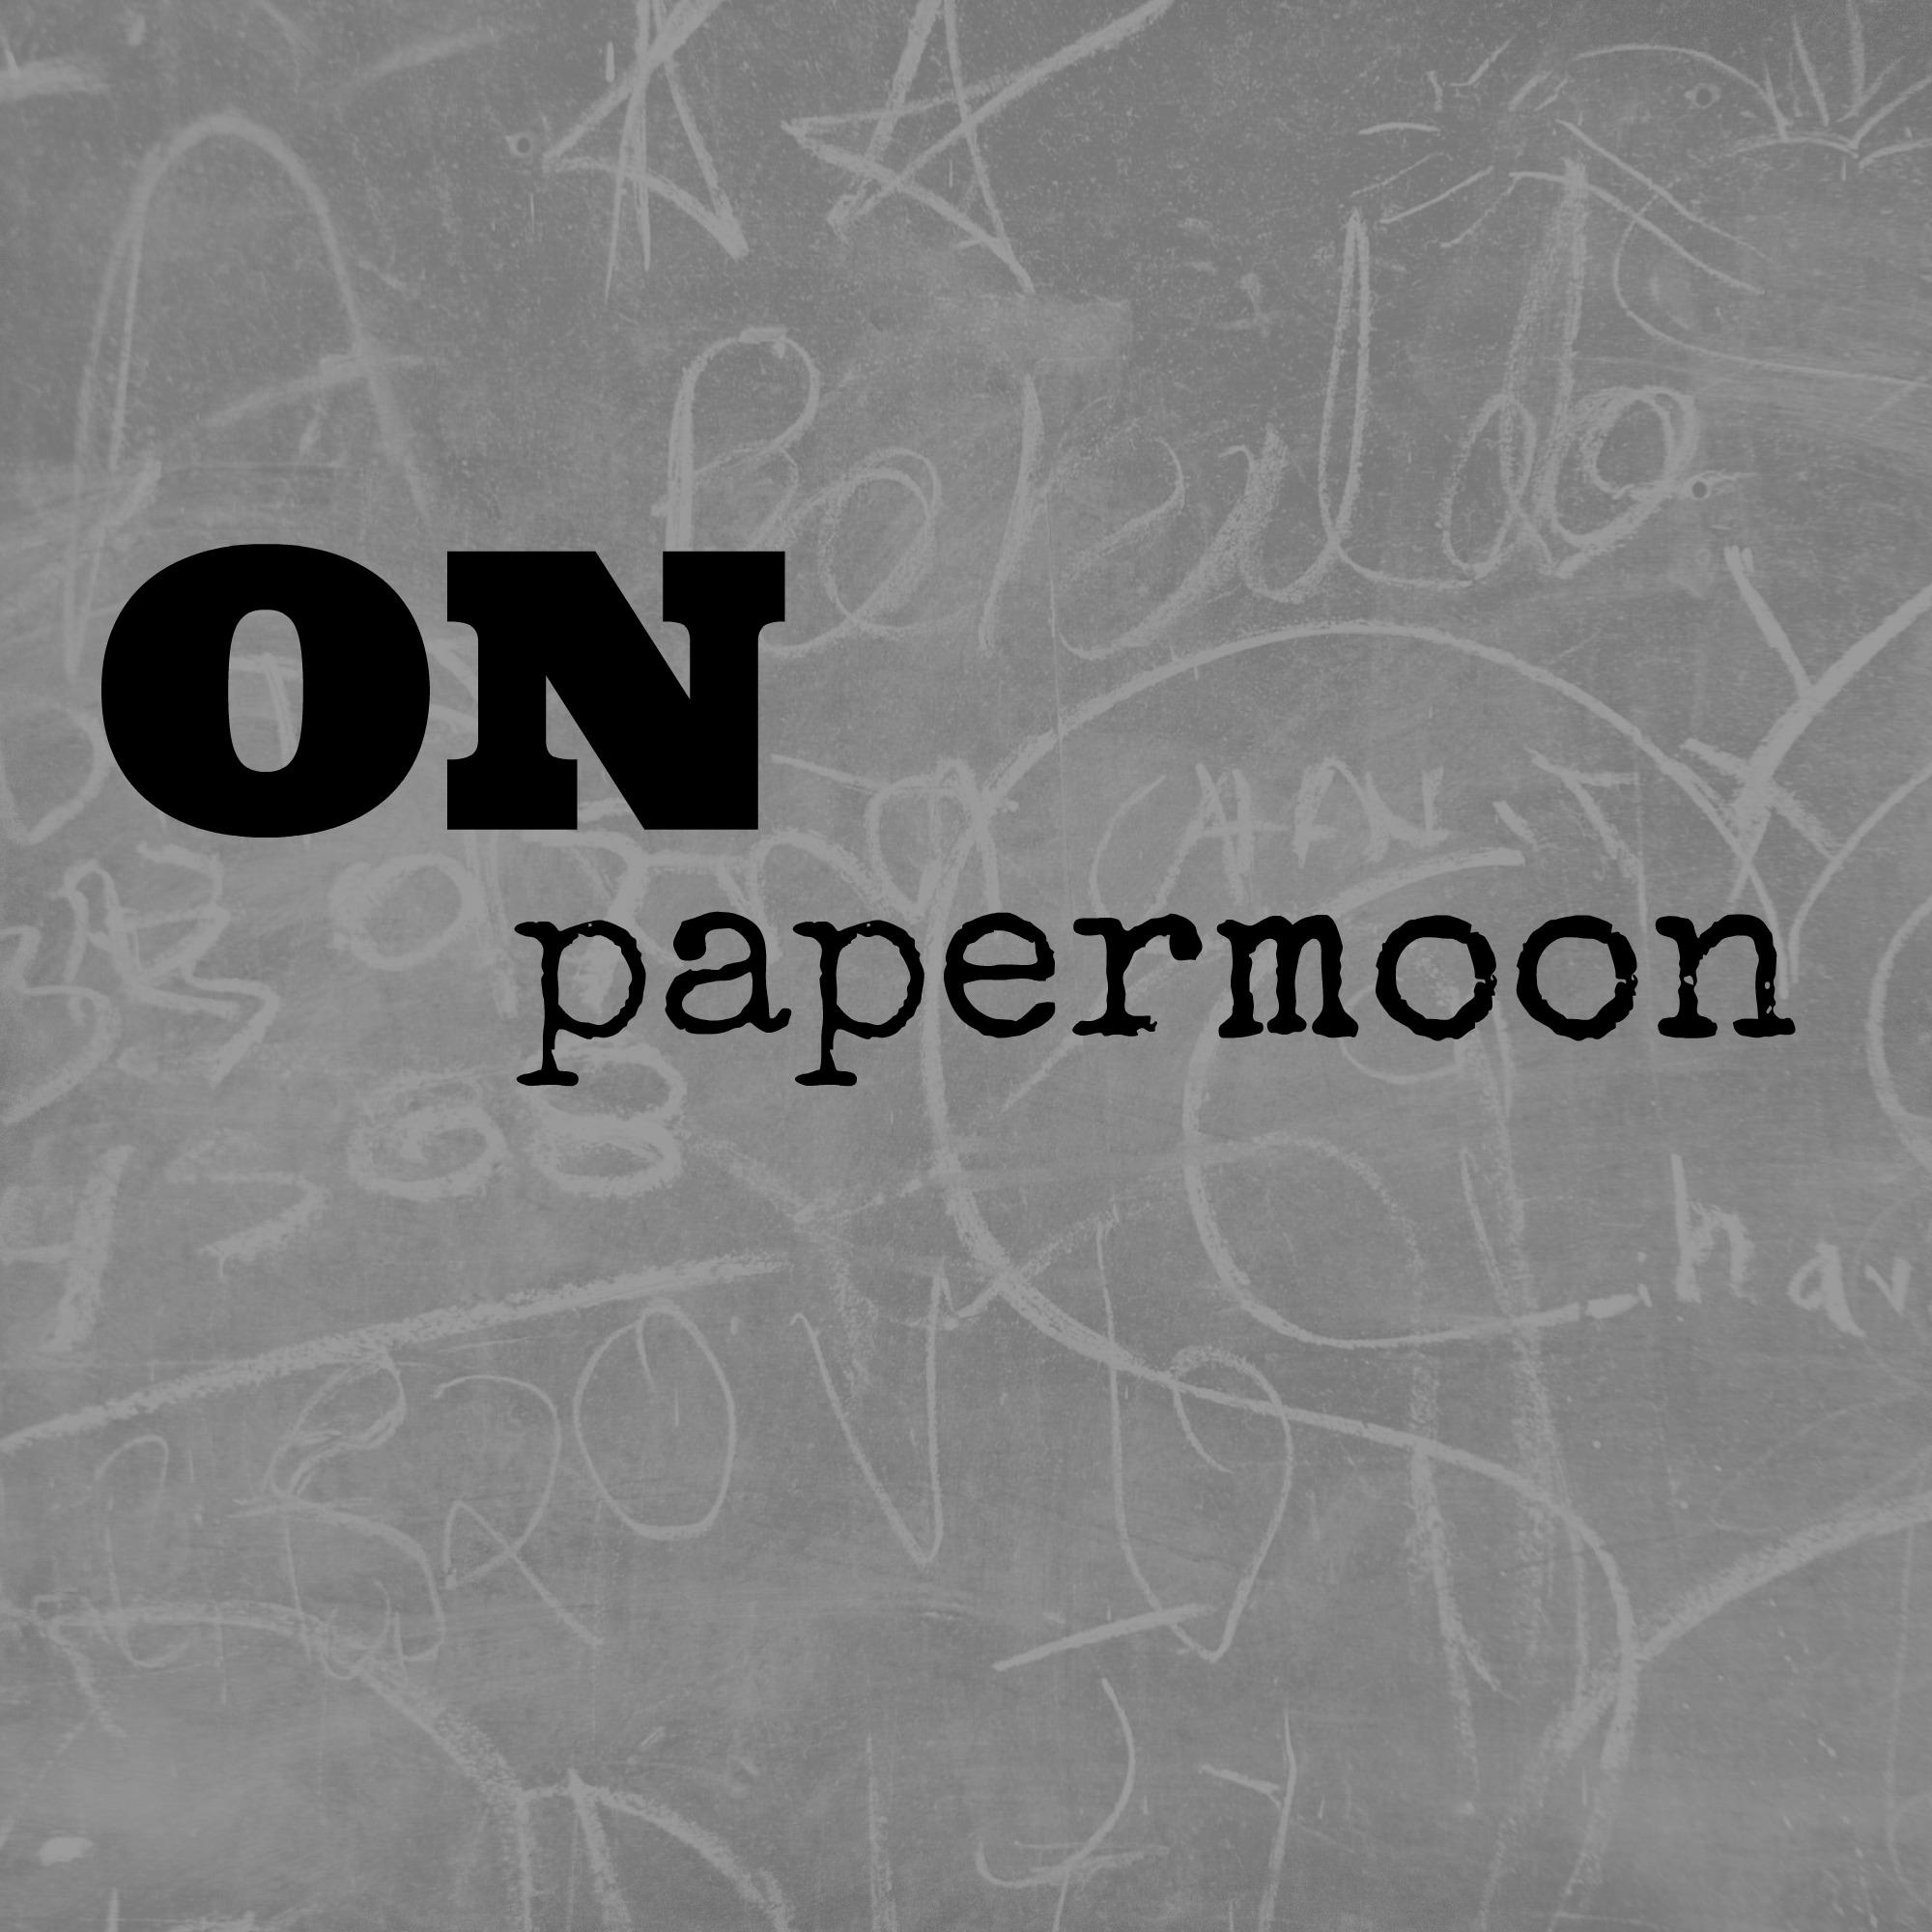 On Papermoon